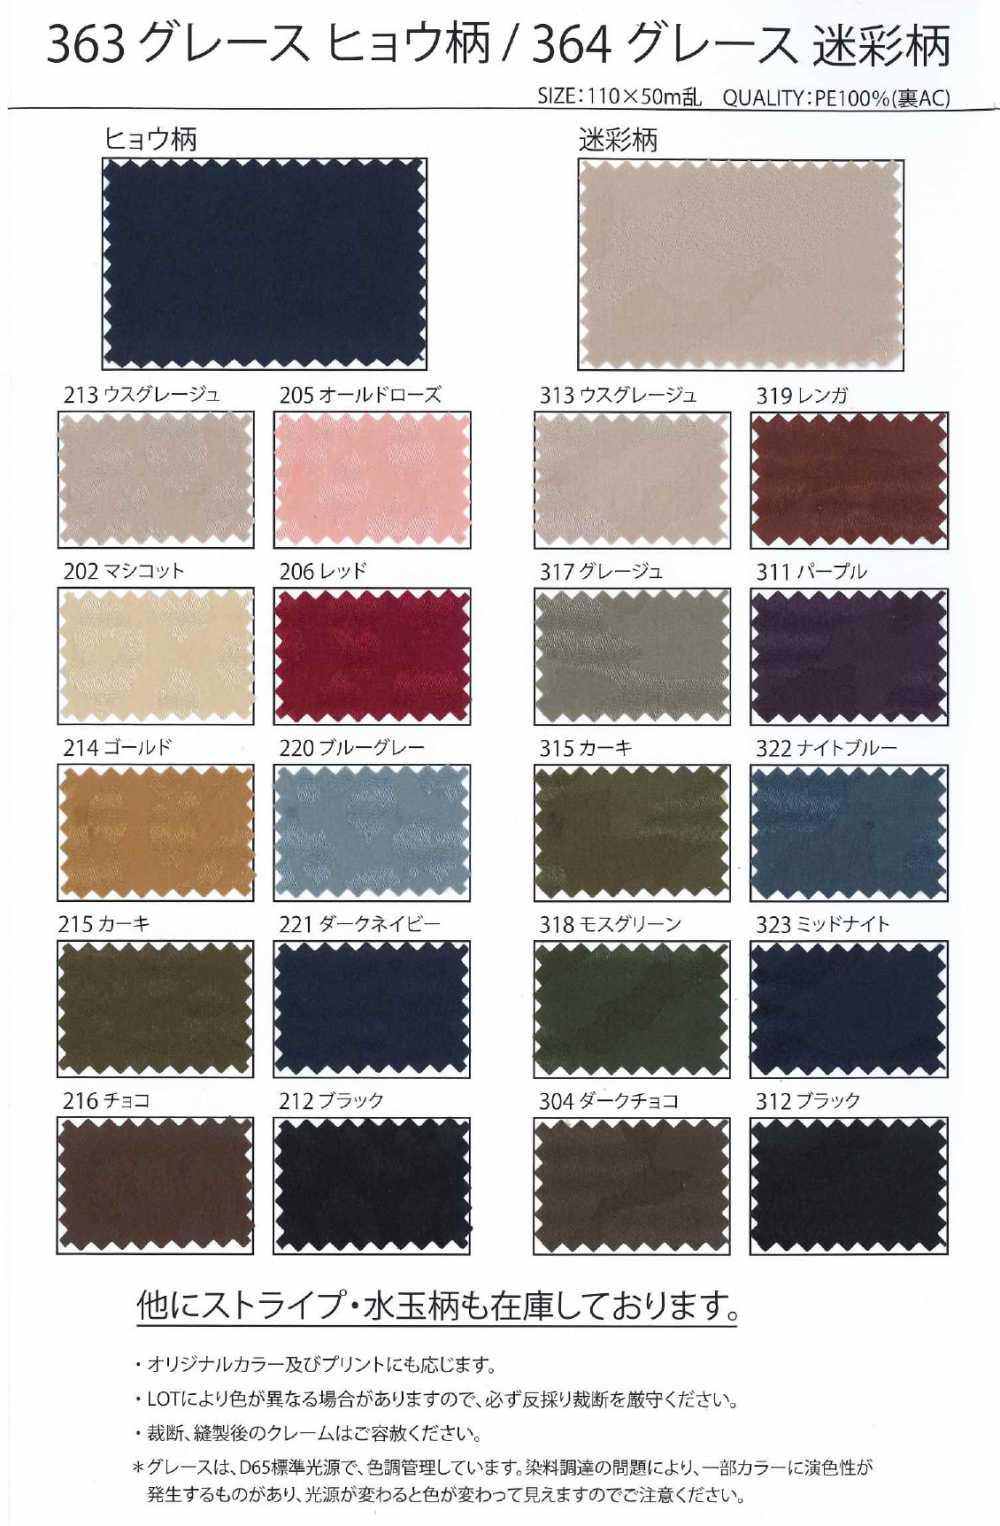 364 グレース 迷彩柄[生地] 仙田/オークラ商事 - ApparelX アパレル資材卸通販